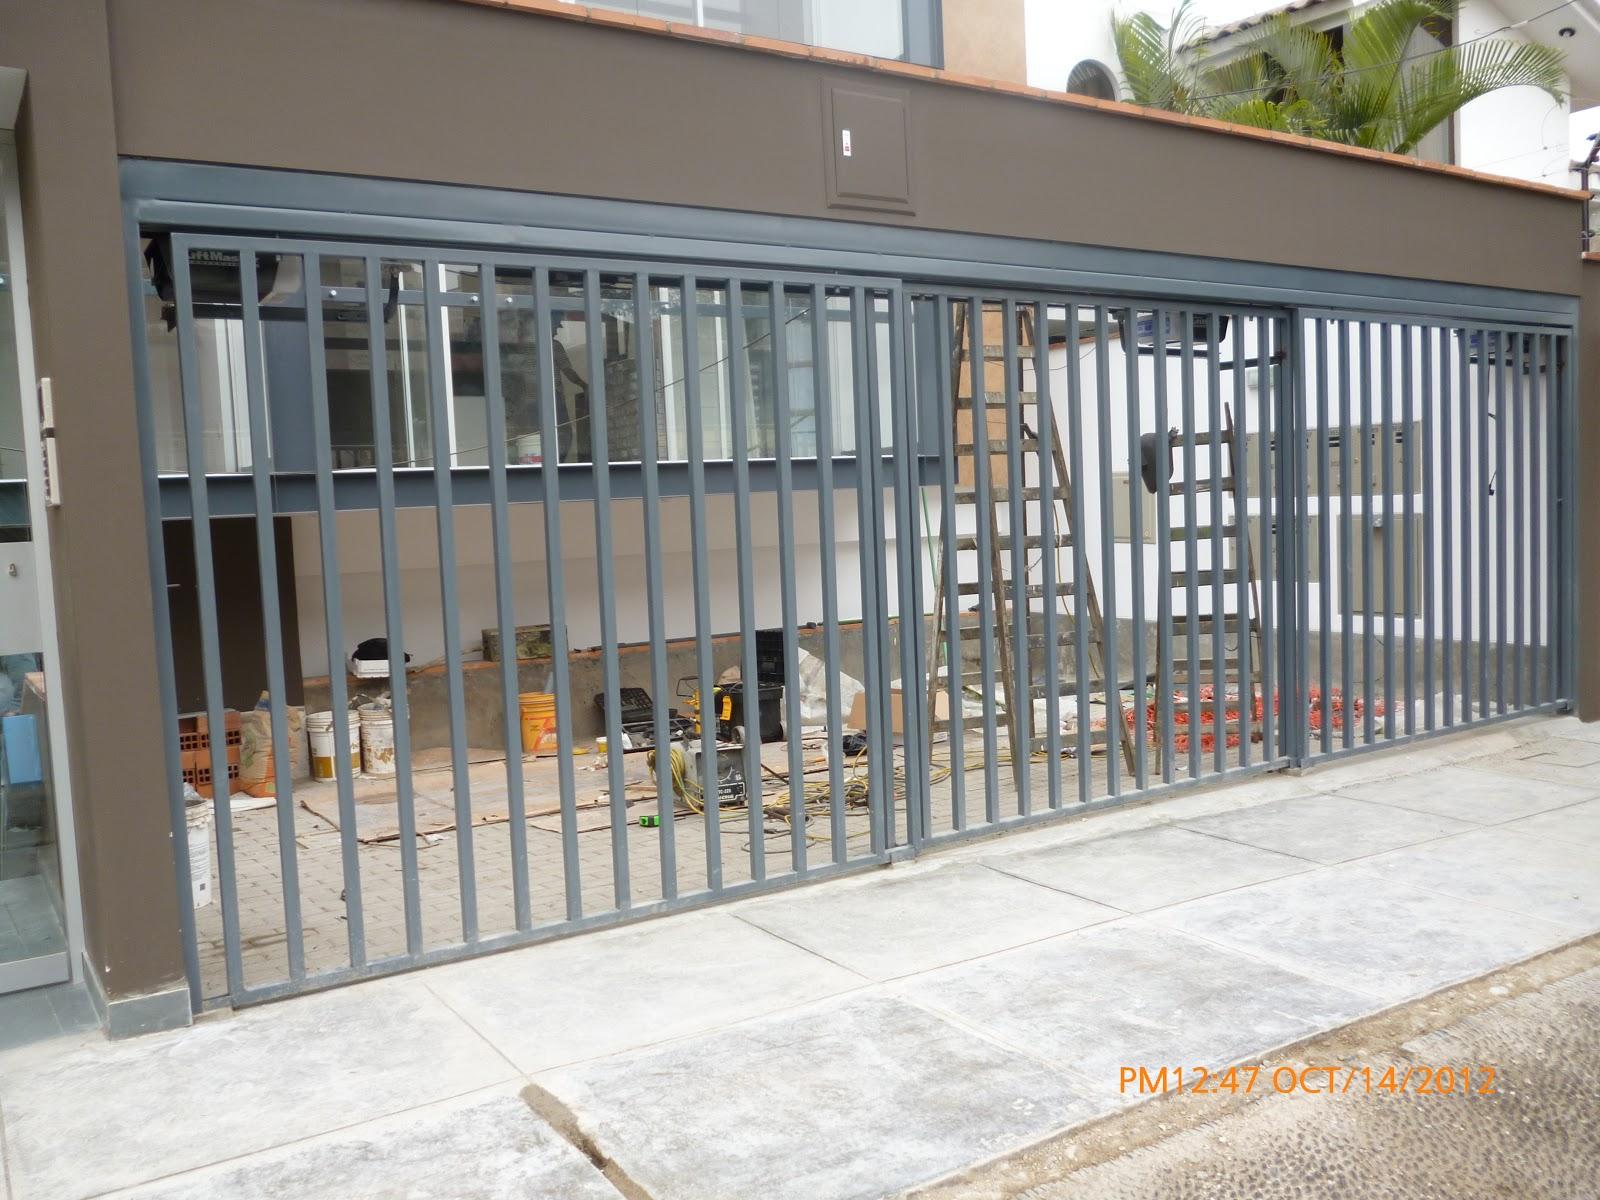 Control remoto reyes - Puertas metalicas valentin ...